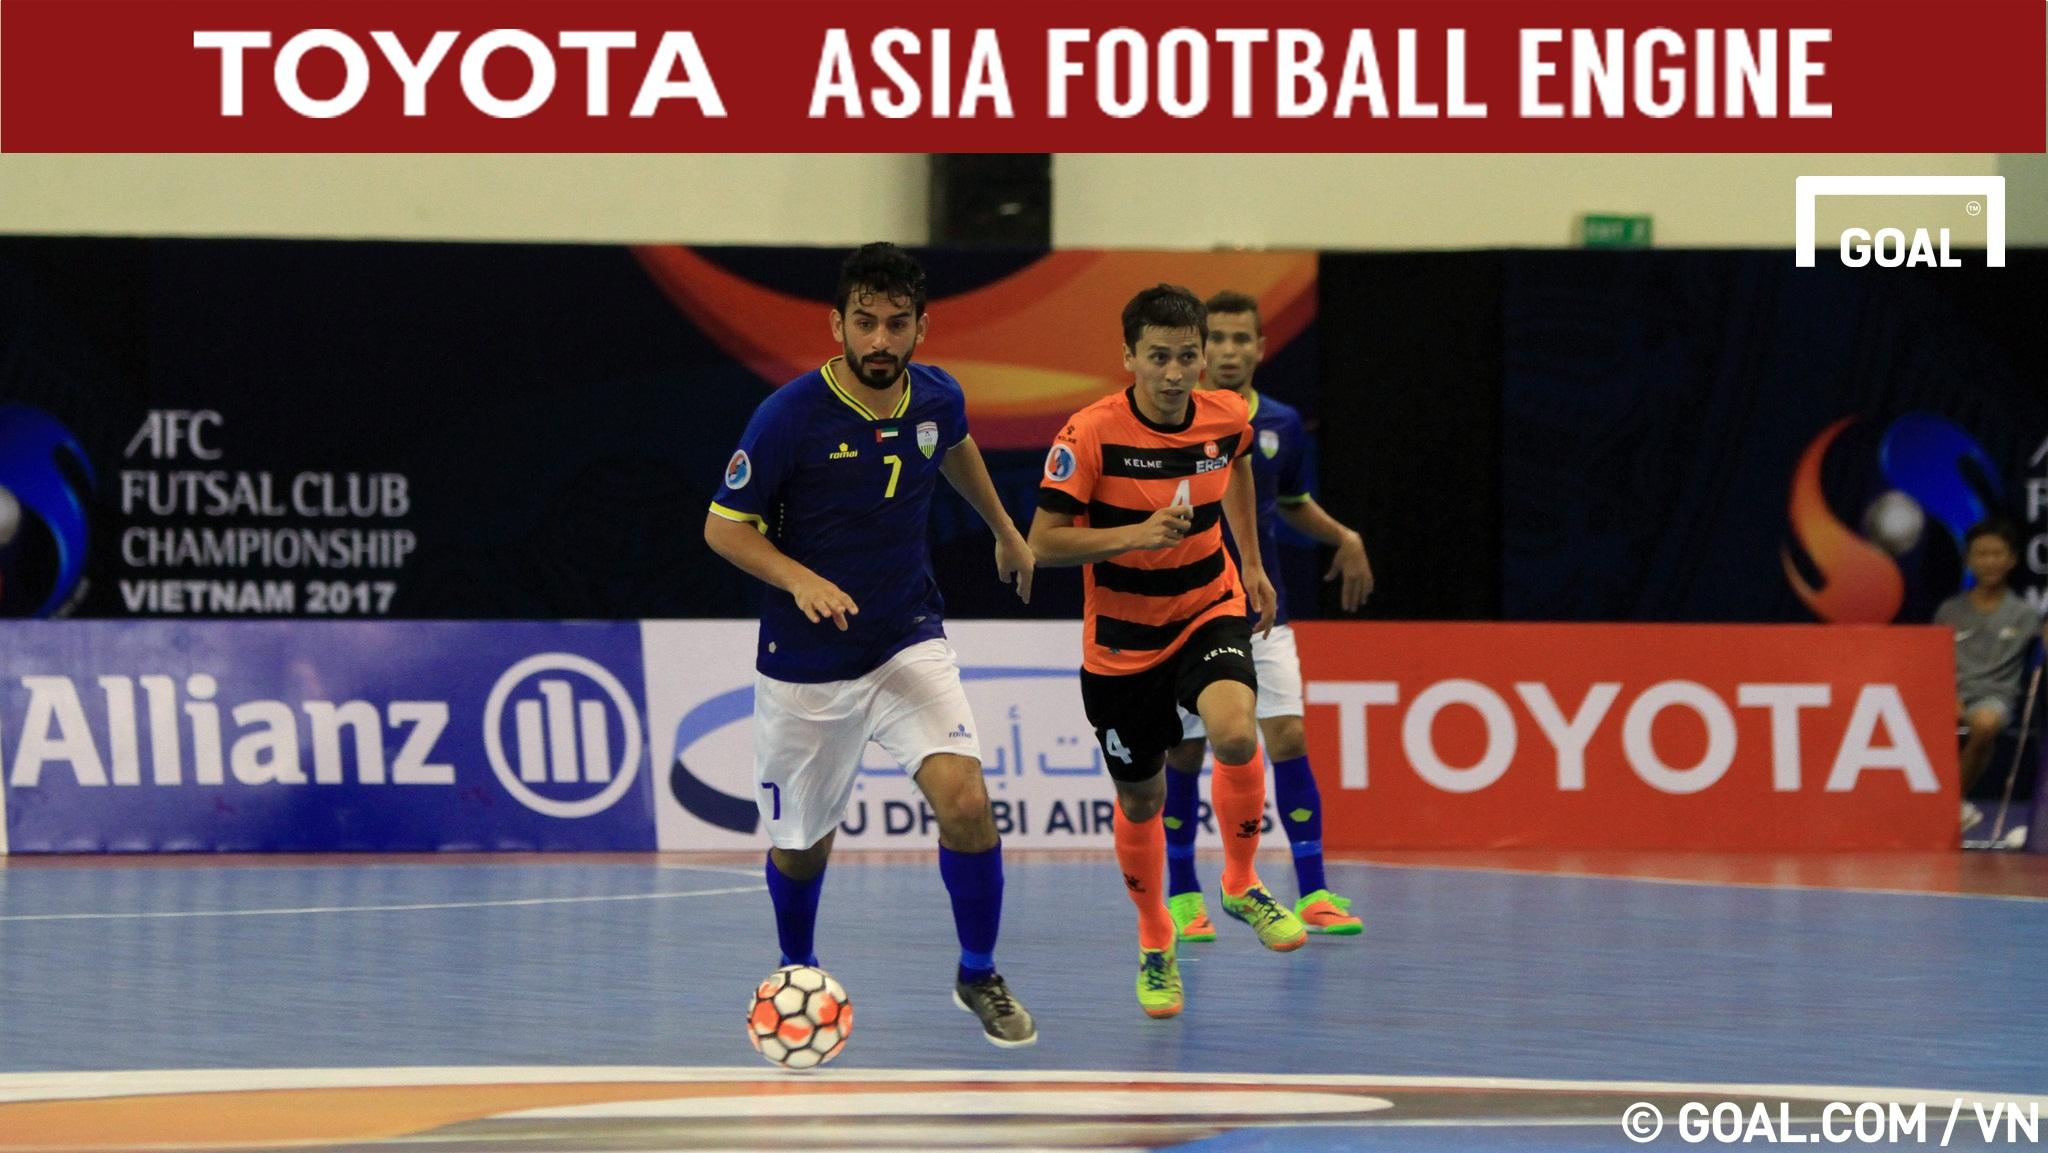 2017 AFC Futsal Club Championship   Erem (Kyrgyzstan) 0-4 Al Dhafra (UAE)